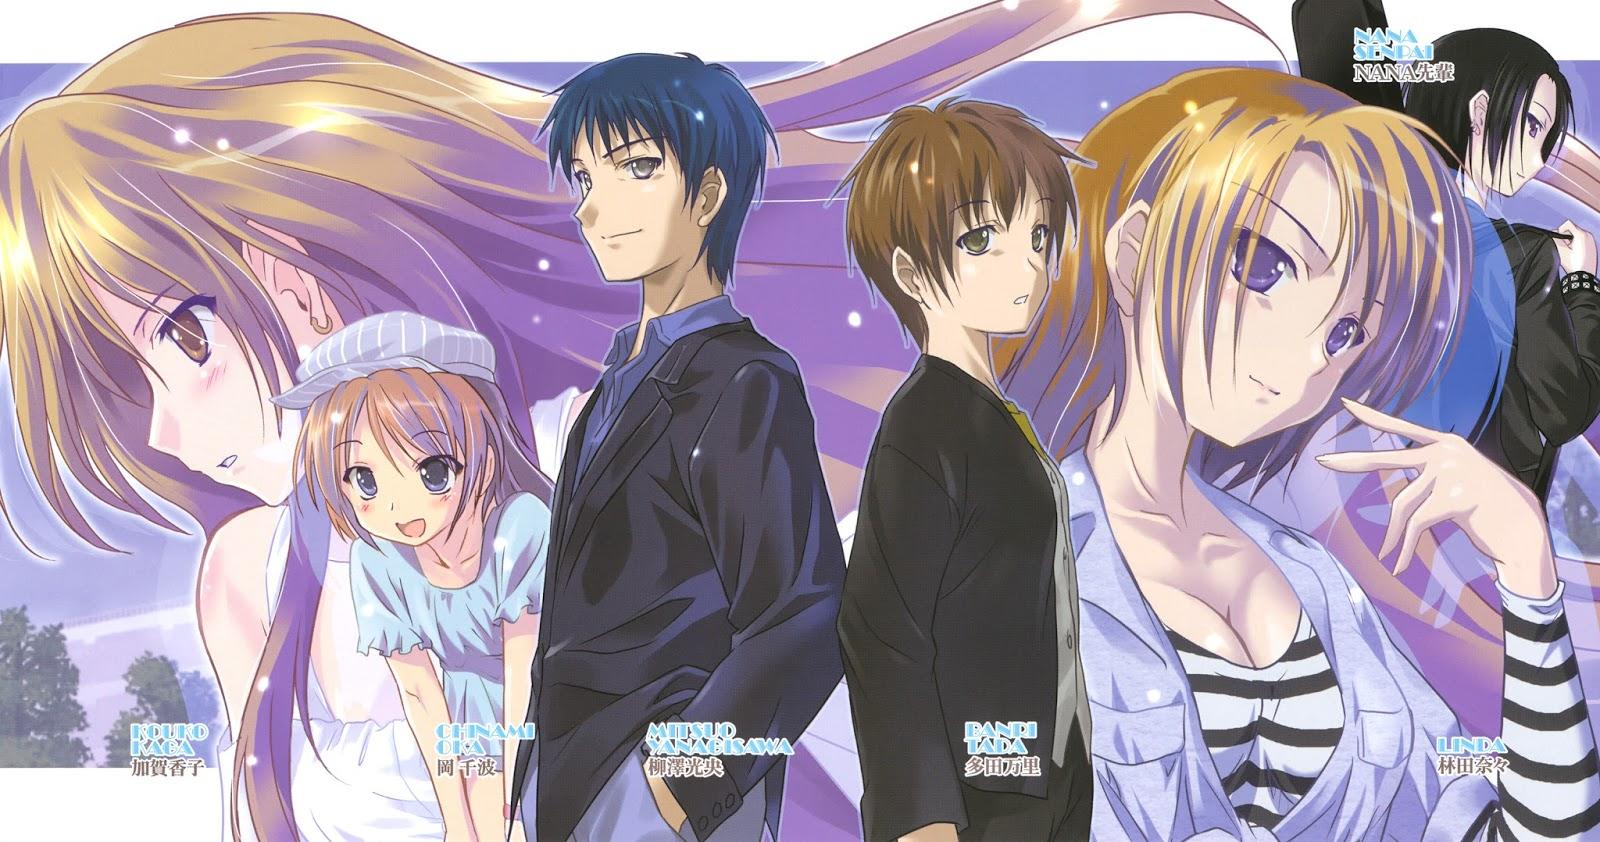 Anime yang lebih kearah romance comedynya ini sangat memikat untuk anda tonton menceritakan seorang tada banri yang amnesia dan memutuskan untuk kuliah di